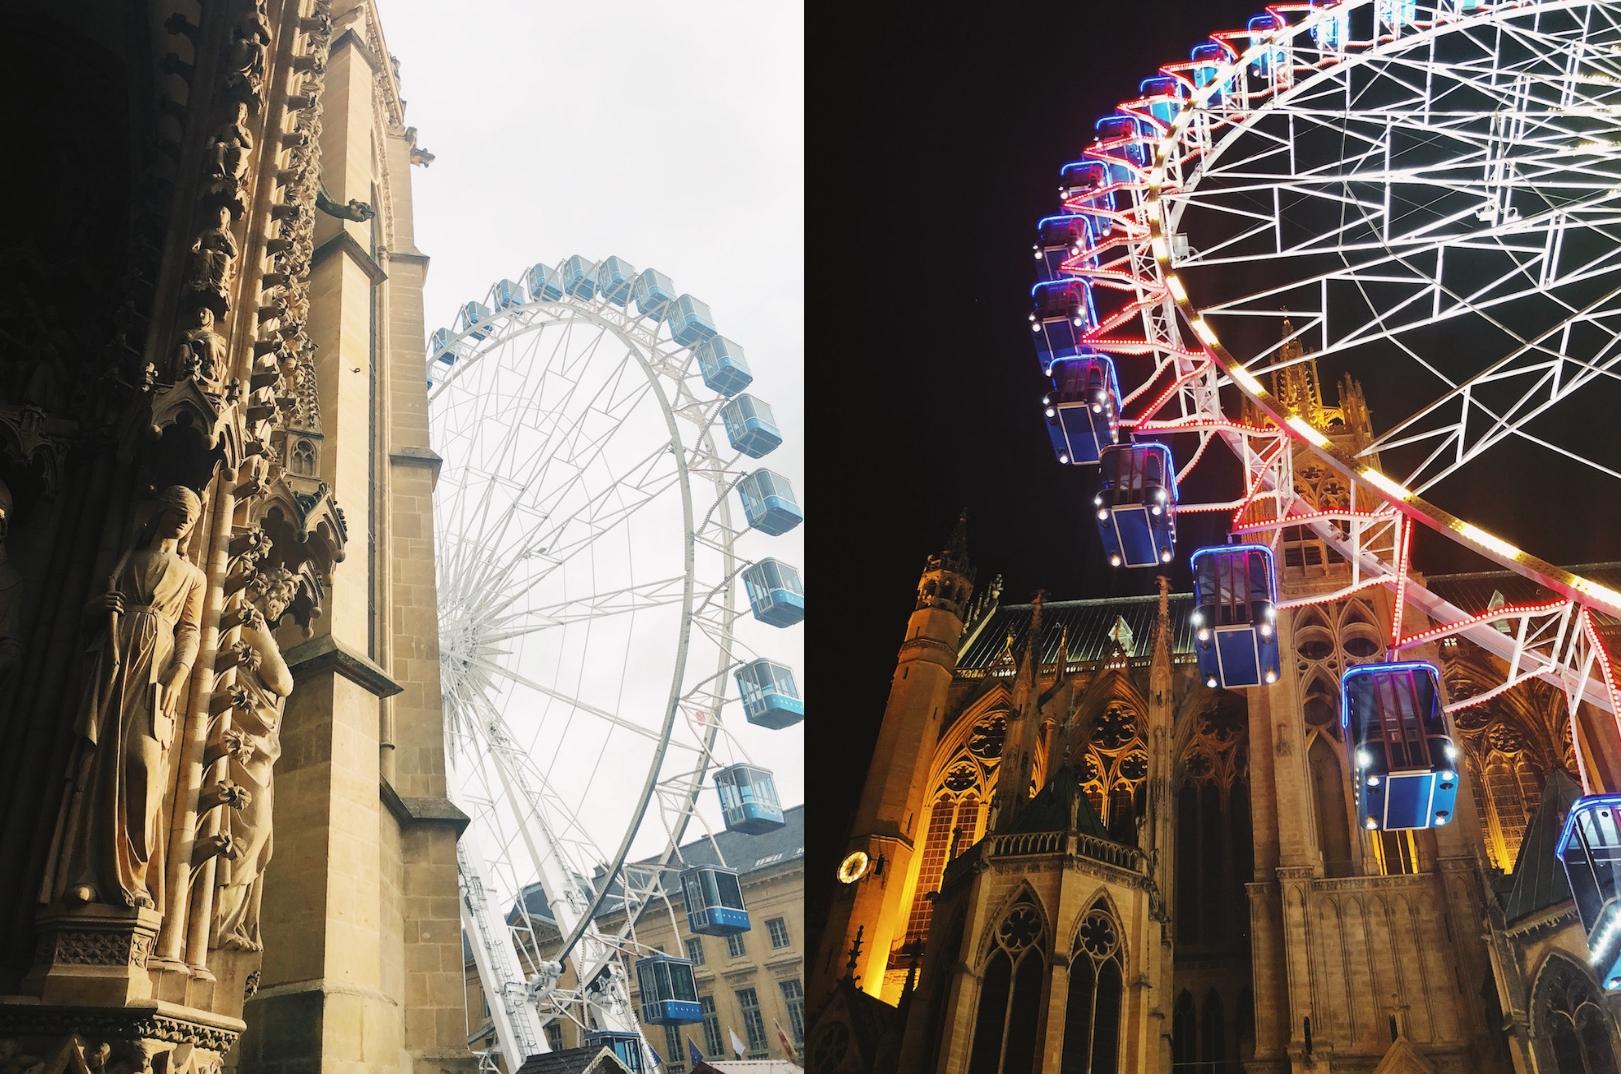 METZ IN FRANKRIJK, LEUK OM TE BEZOEKEN MET KINDEREN | CITYMOM.nl